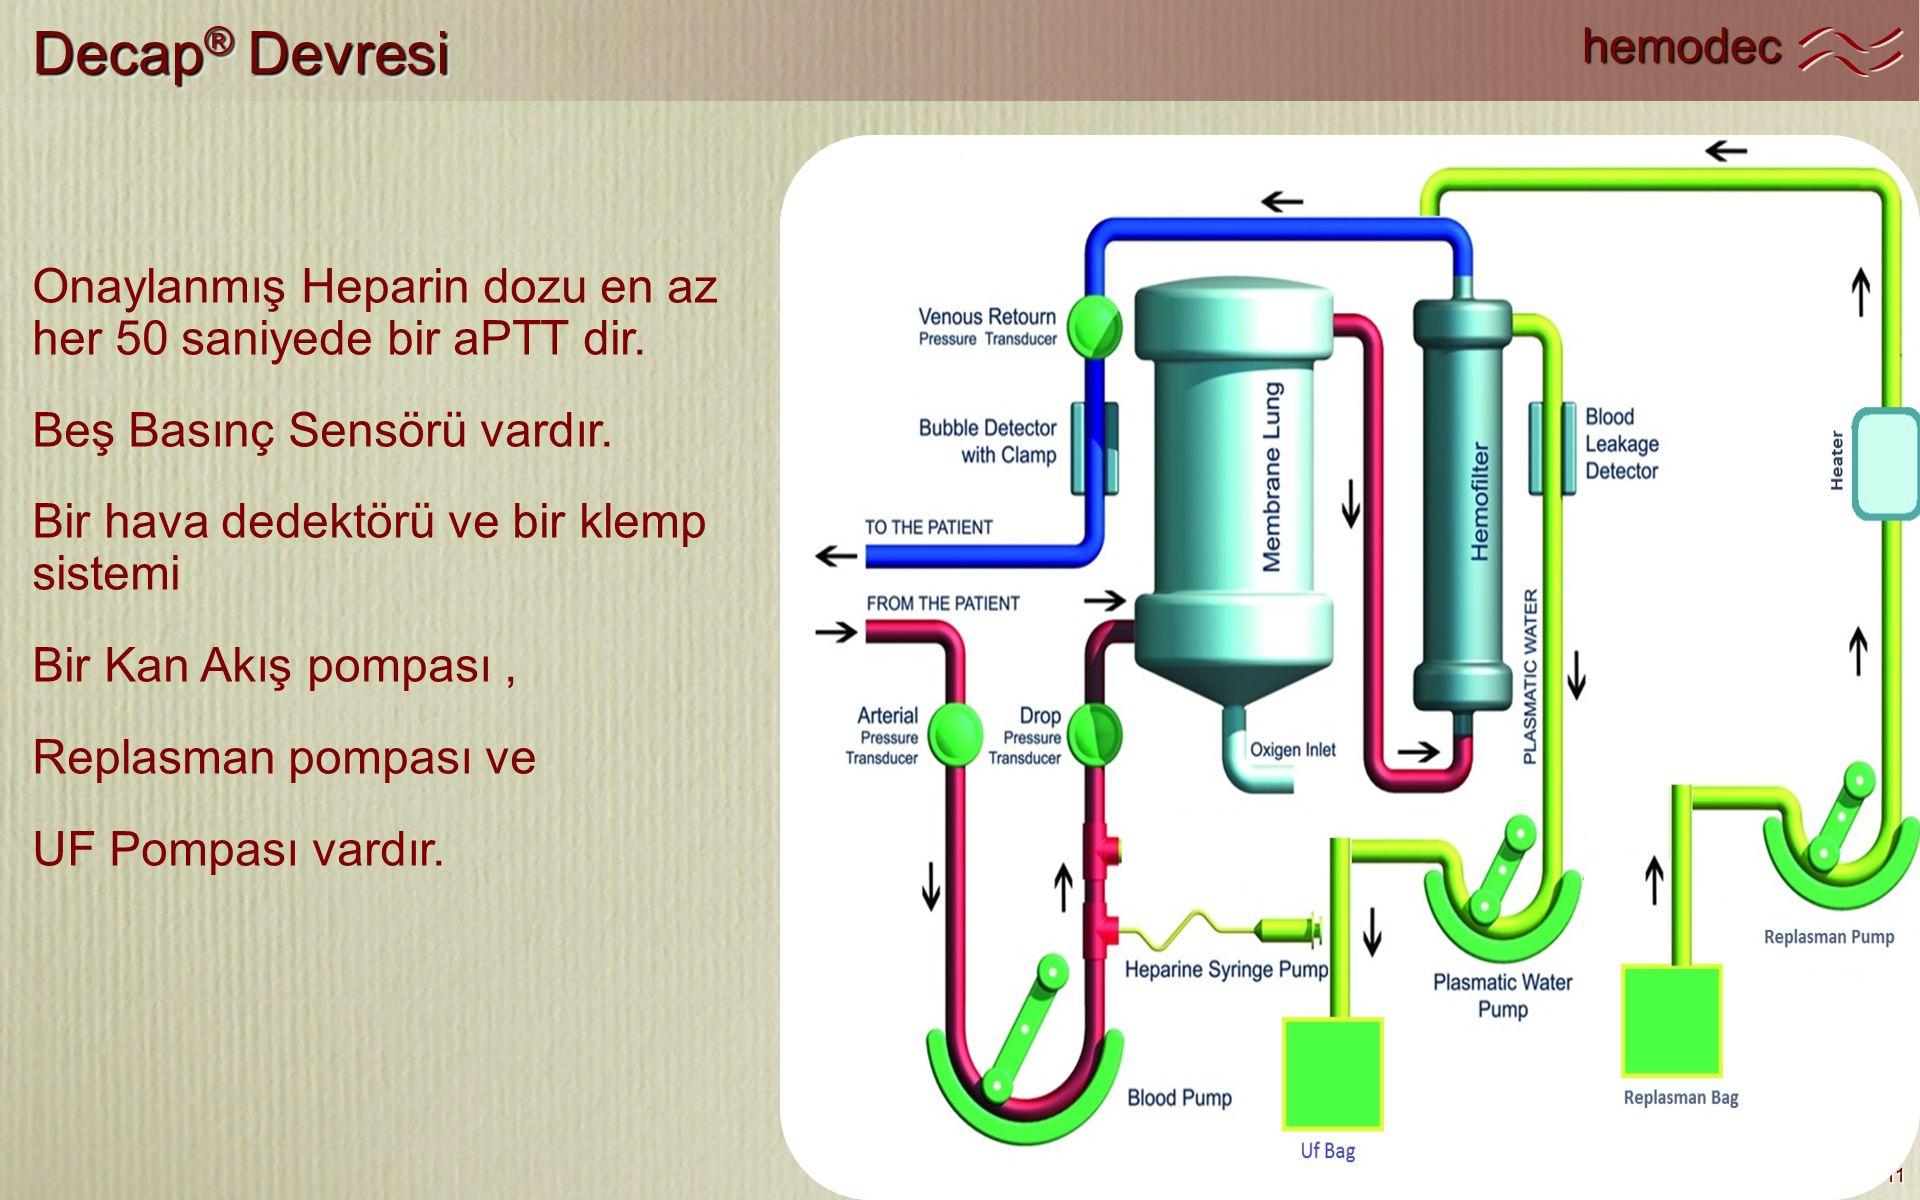 hemodec 11 Decap ® Devresi 11 Onaylanmış Heparin dozu en az her 50 saniyede bir aPTT dir. Beş Basınç Sensörü vardır. Bir hava dedektörü ve bir klemp s